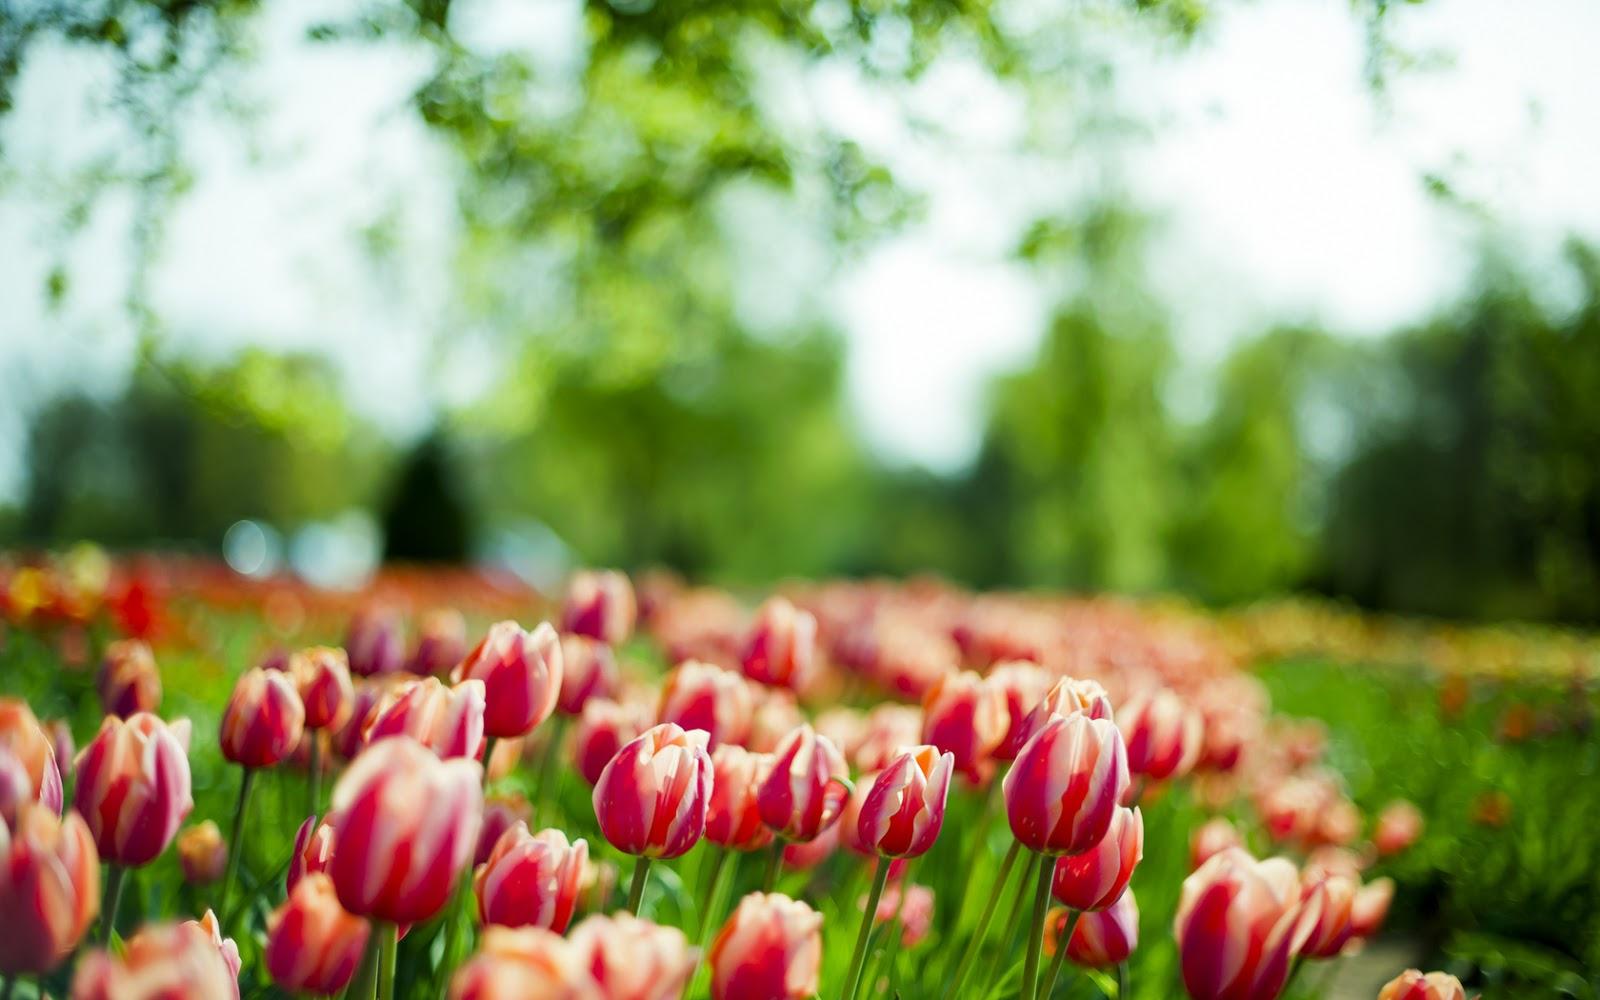 http://1.bp.blogspot.com/-5Exoxdd3vI8/UVxbe5qTmlI/AAAAAAAAJqU/zbil3MX5DR8/s1600/Bello+campo+de+tulipanes+de+un+solo+color.jpg